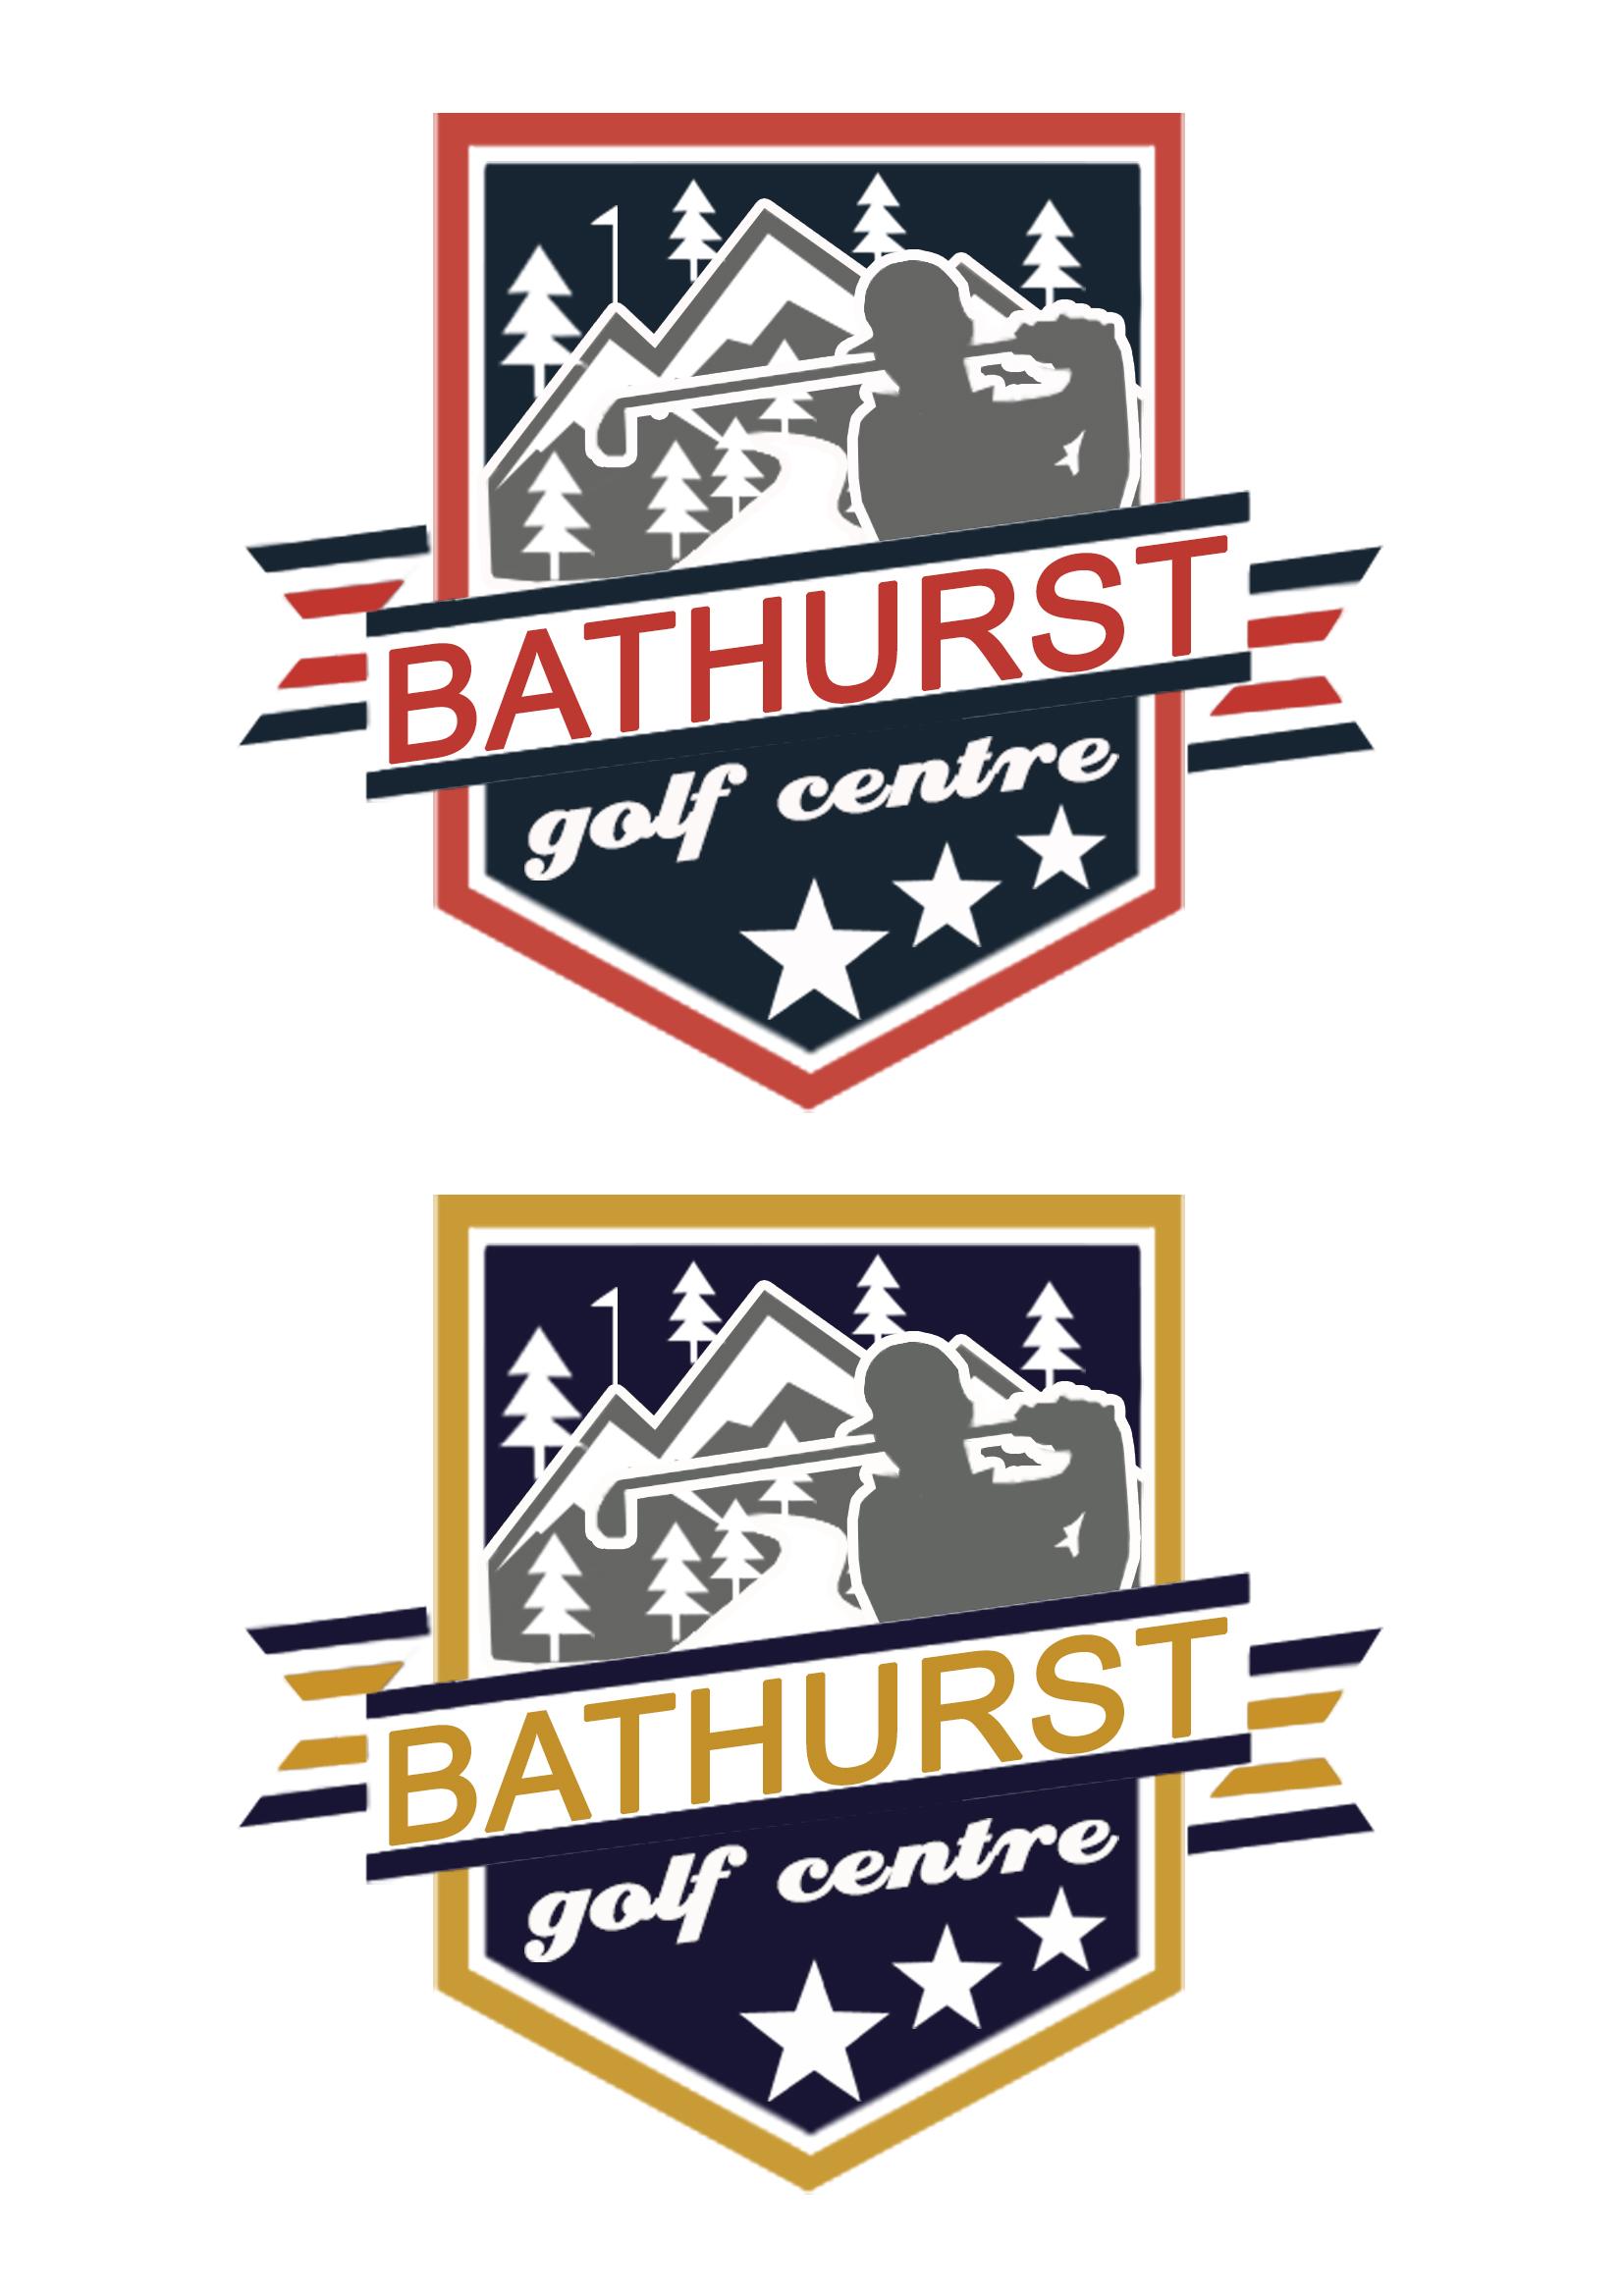 Logo Design by JSDESIGNGROUP - Entry No. 69 in the Logo Design Contest Inspiring Logo Design for Bathurst Golf Centre.